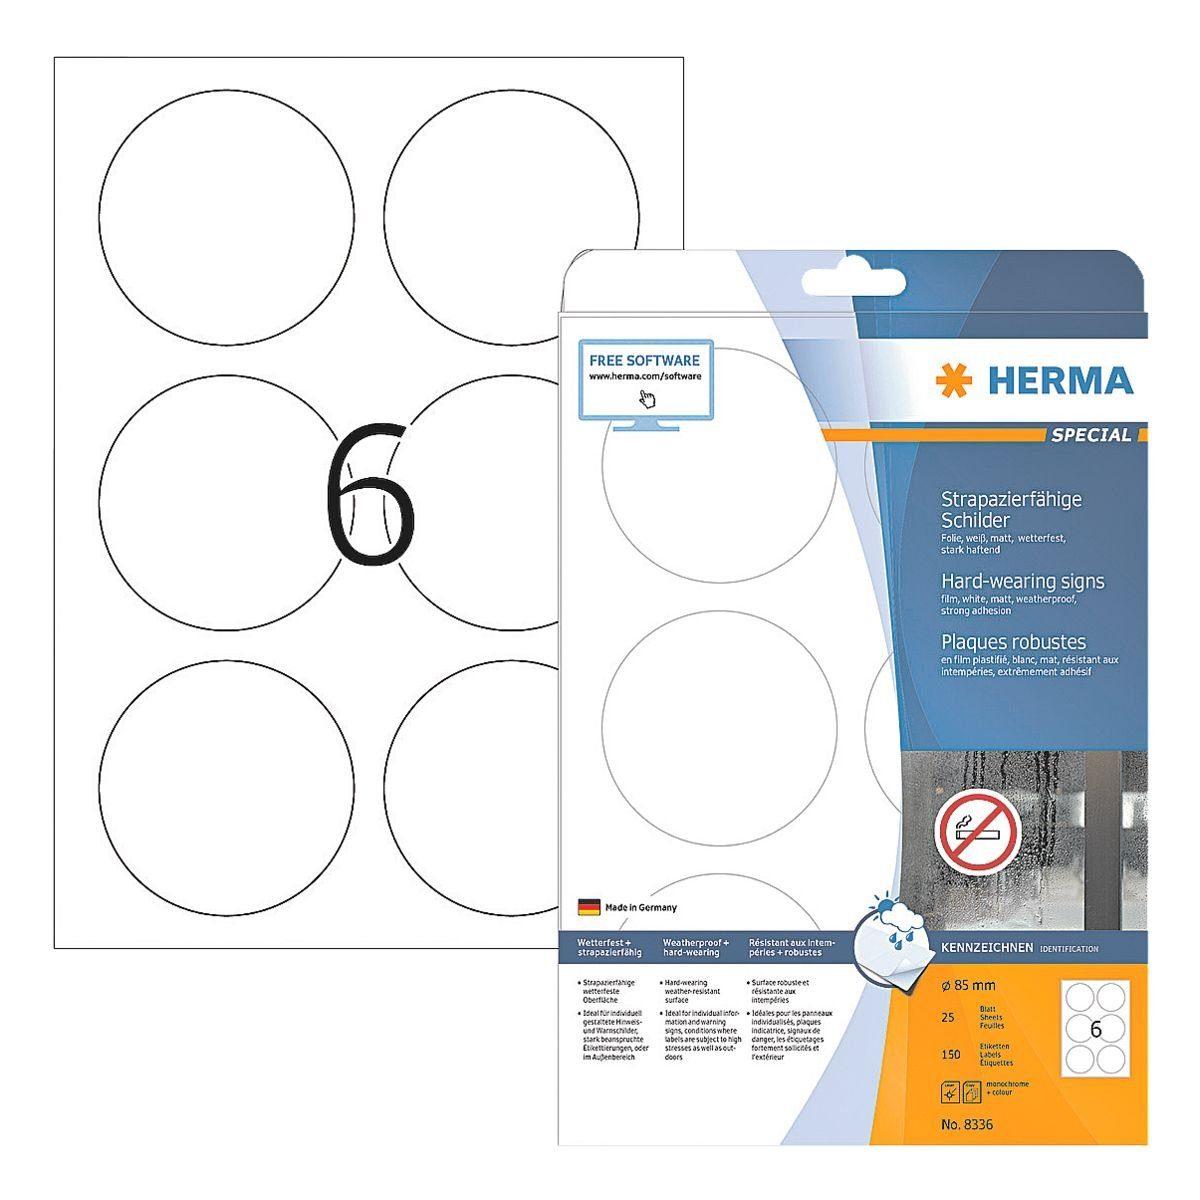 HERMA Outdoor Schilder-Etiketten 150 Stück »Special«